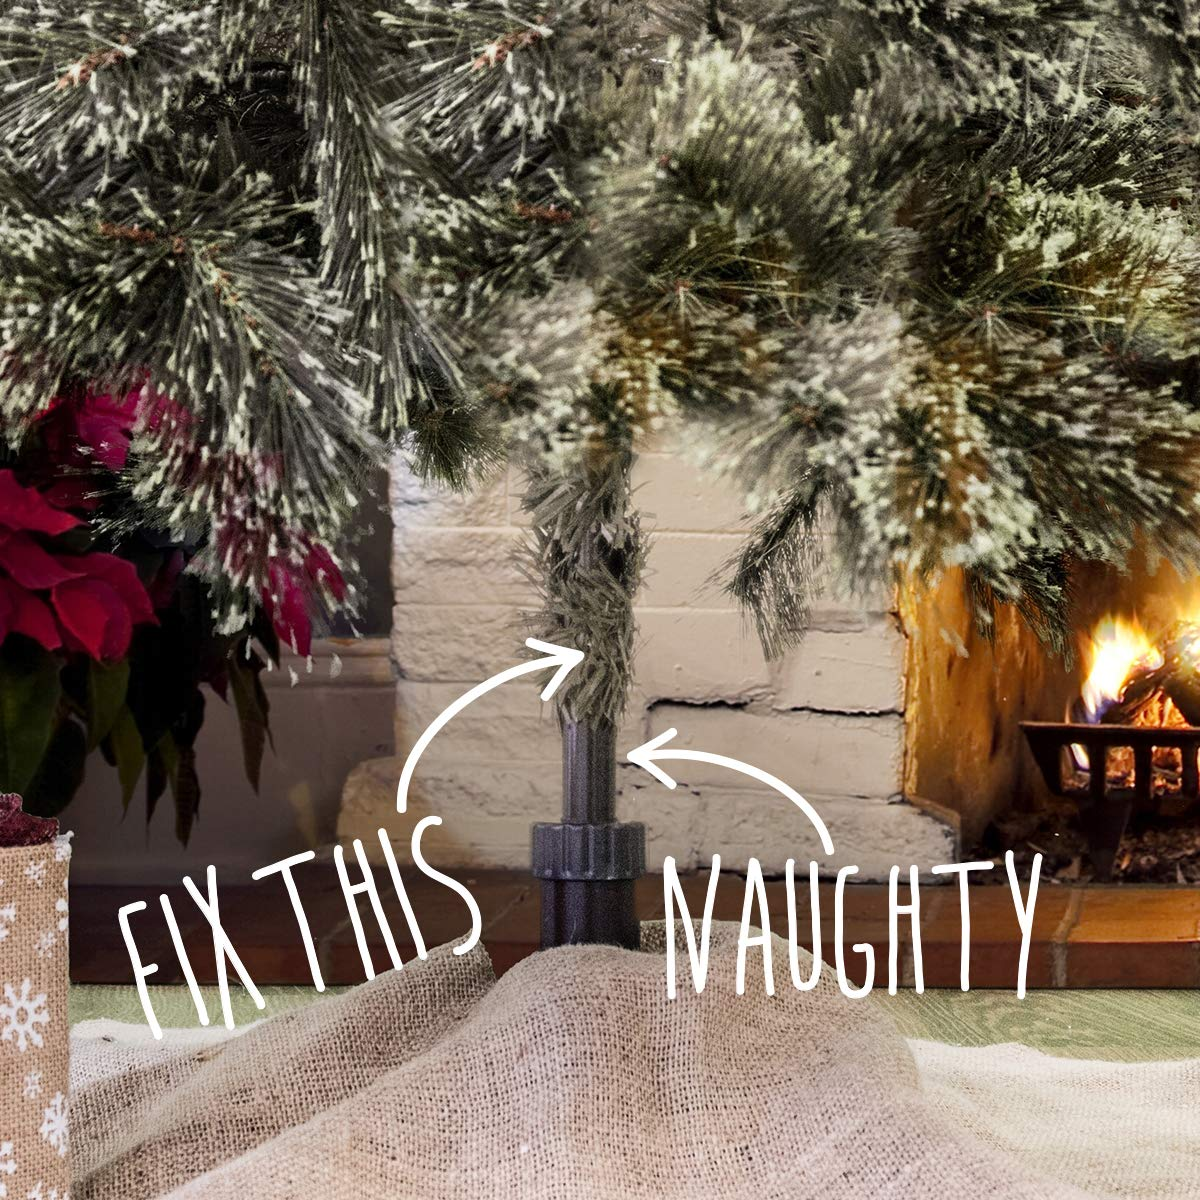 The Christmas Tree Hugger Christmas Tree Skirt Accessory Christmas Tree Collar Christmas Tree Ring Tree Box